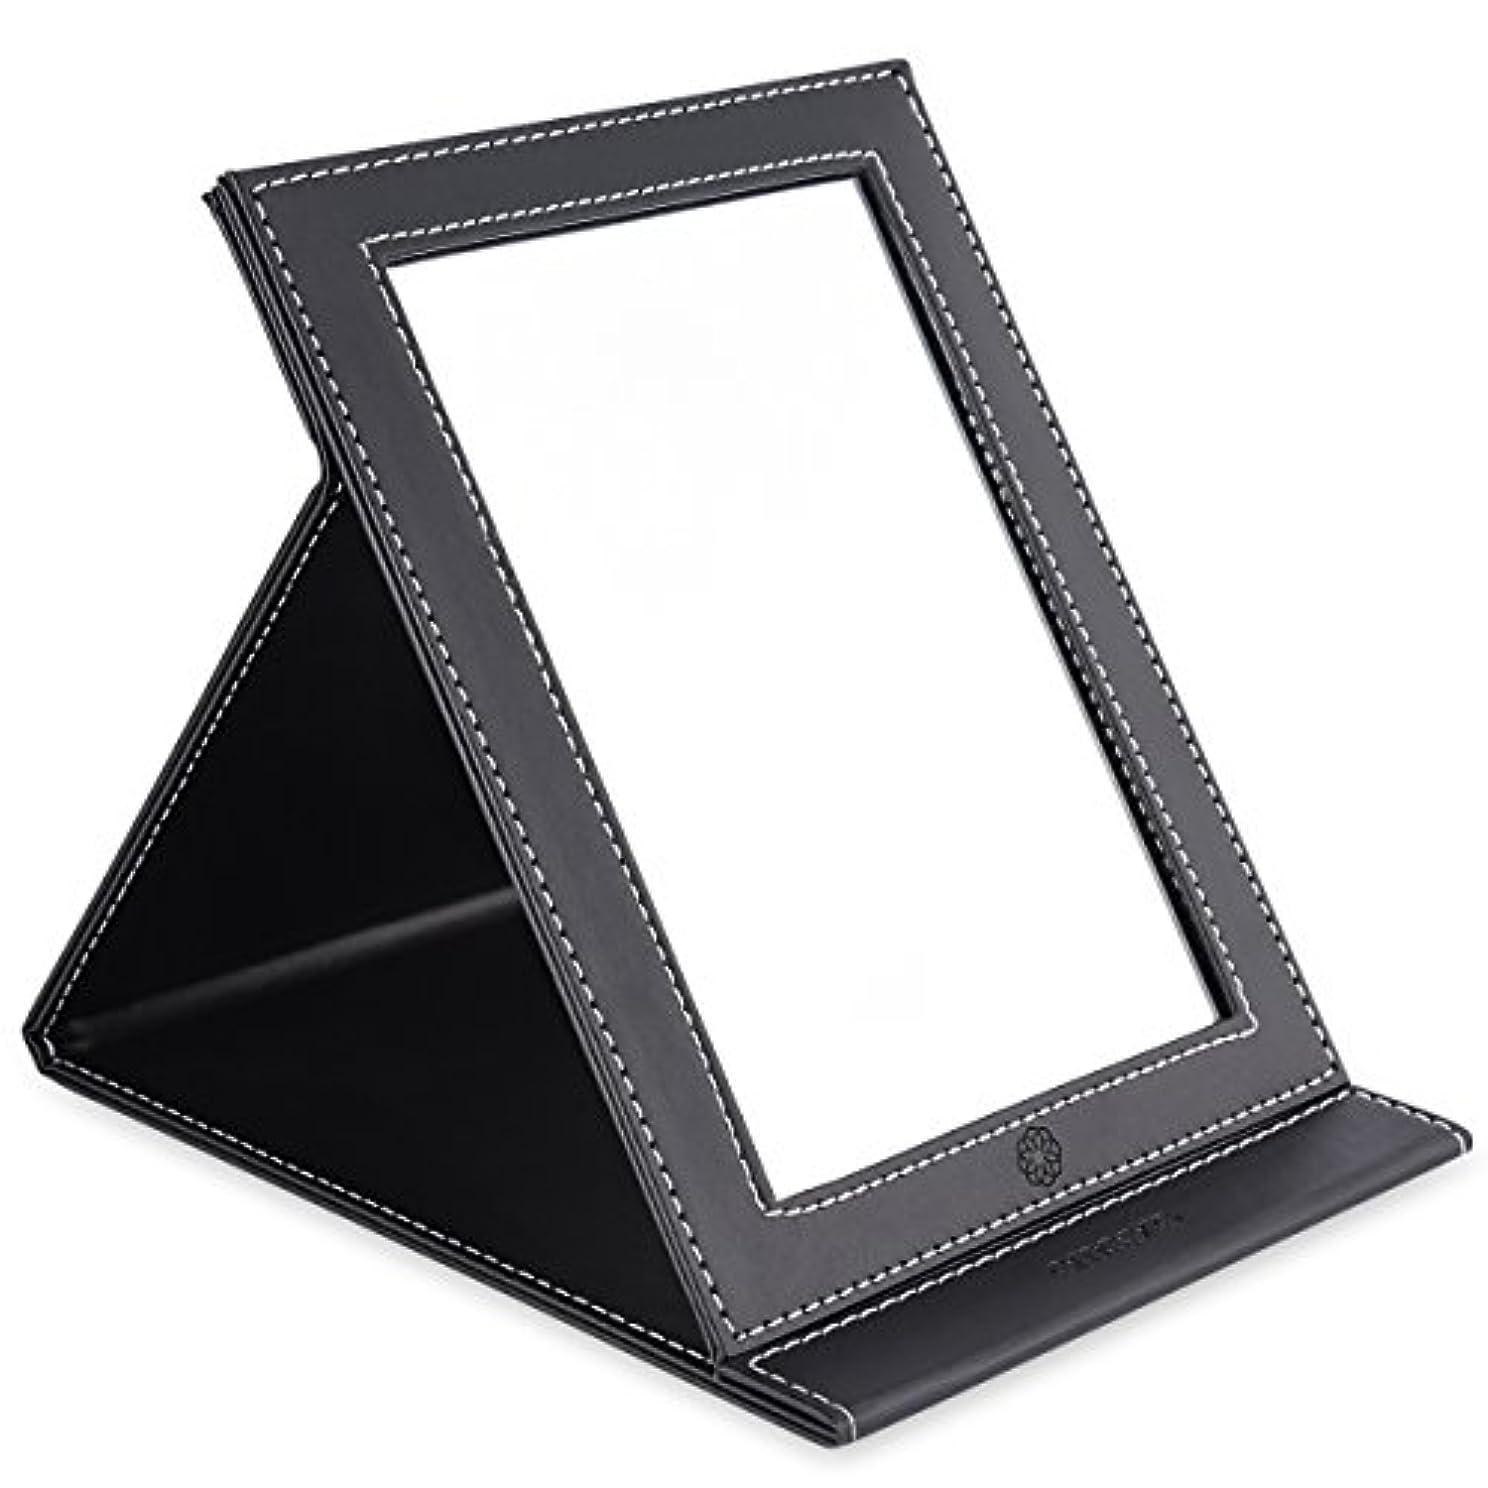 チーズちらつき準備するamoore 化粧鏡 卓上スタンドミラー 折りたたみミラー PUレザー (ブラック)